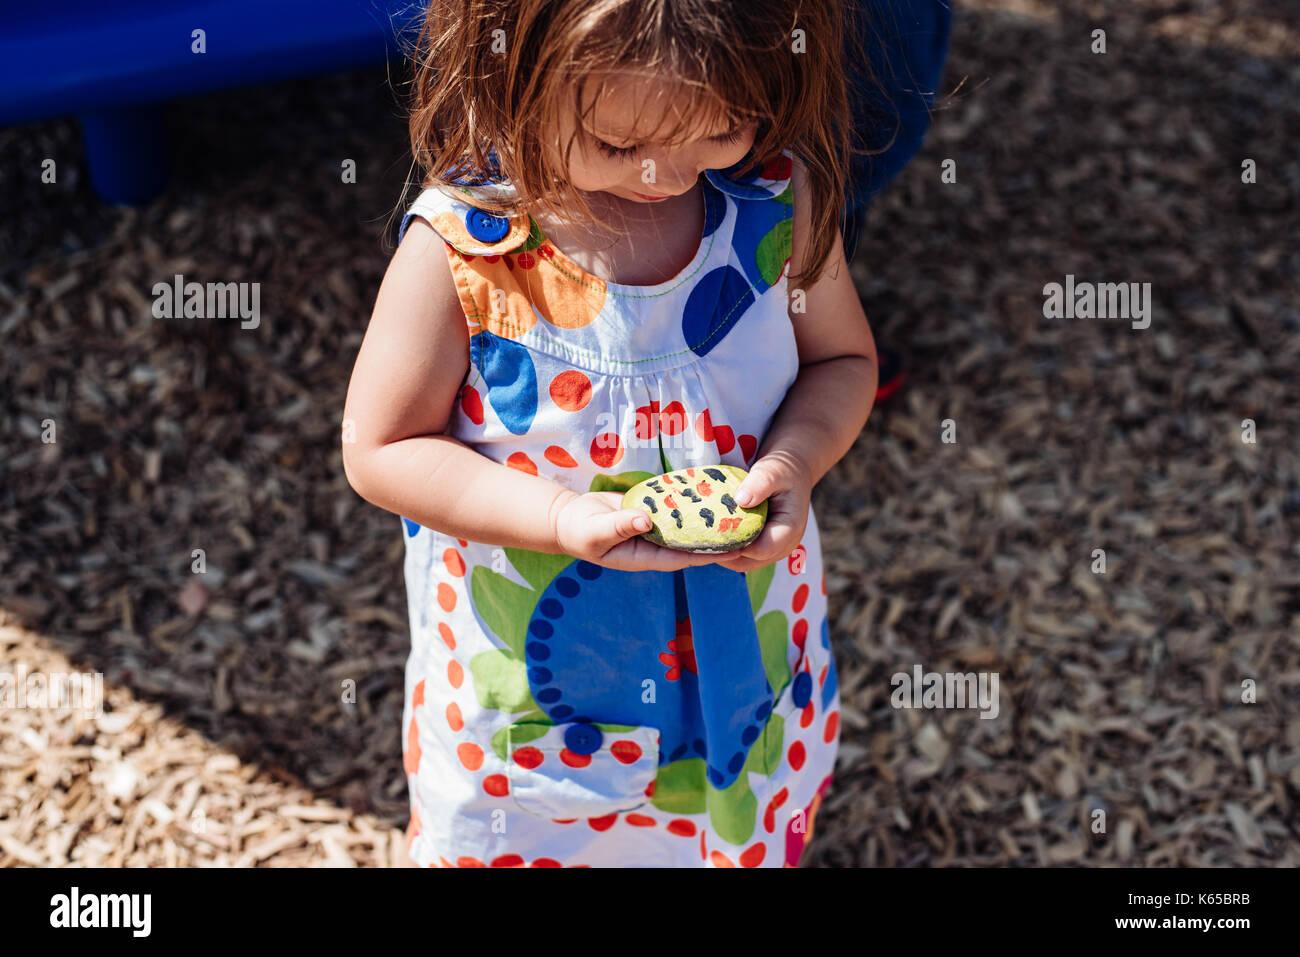 Un tout-petit est titulaire d'un rock peint sur une journée ensoleillée. Photo Stock